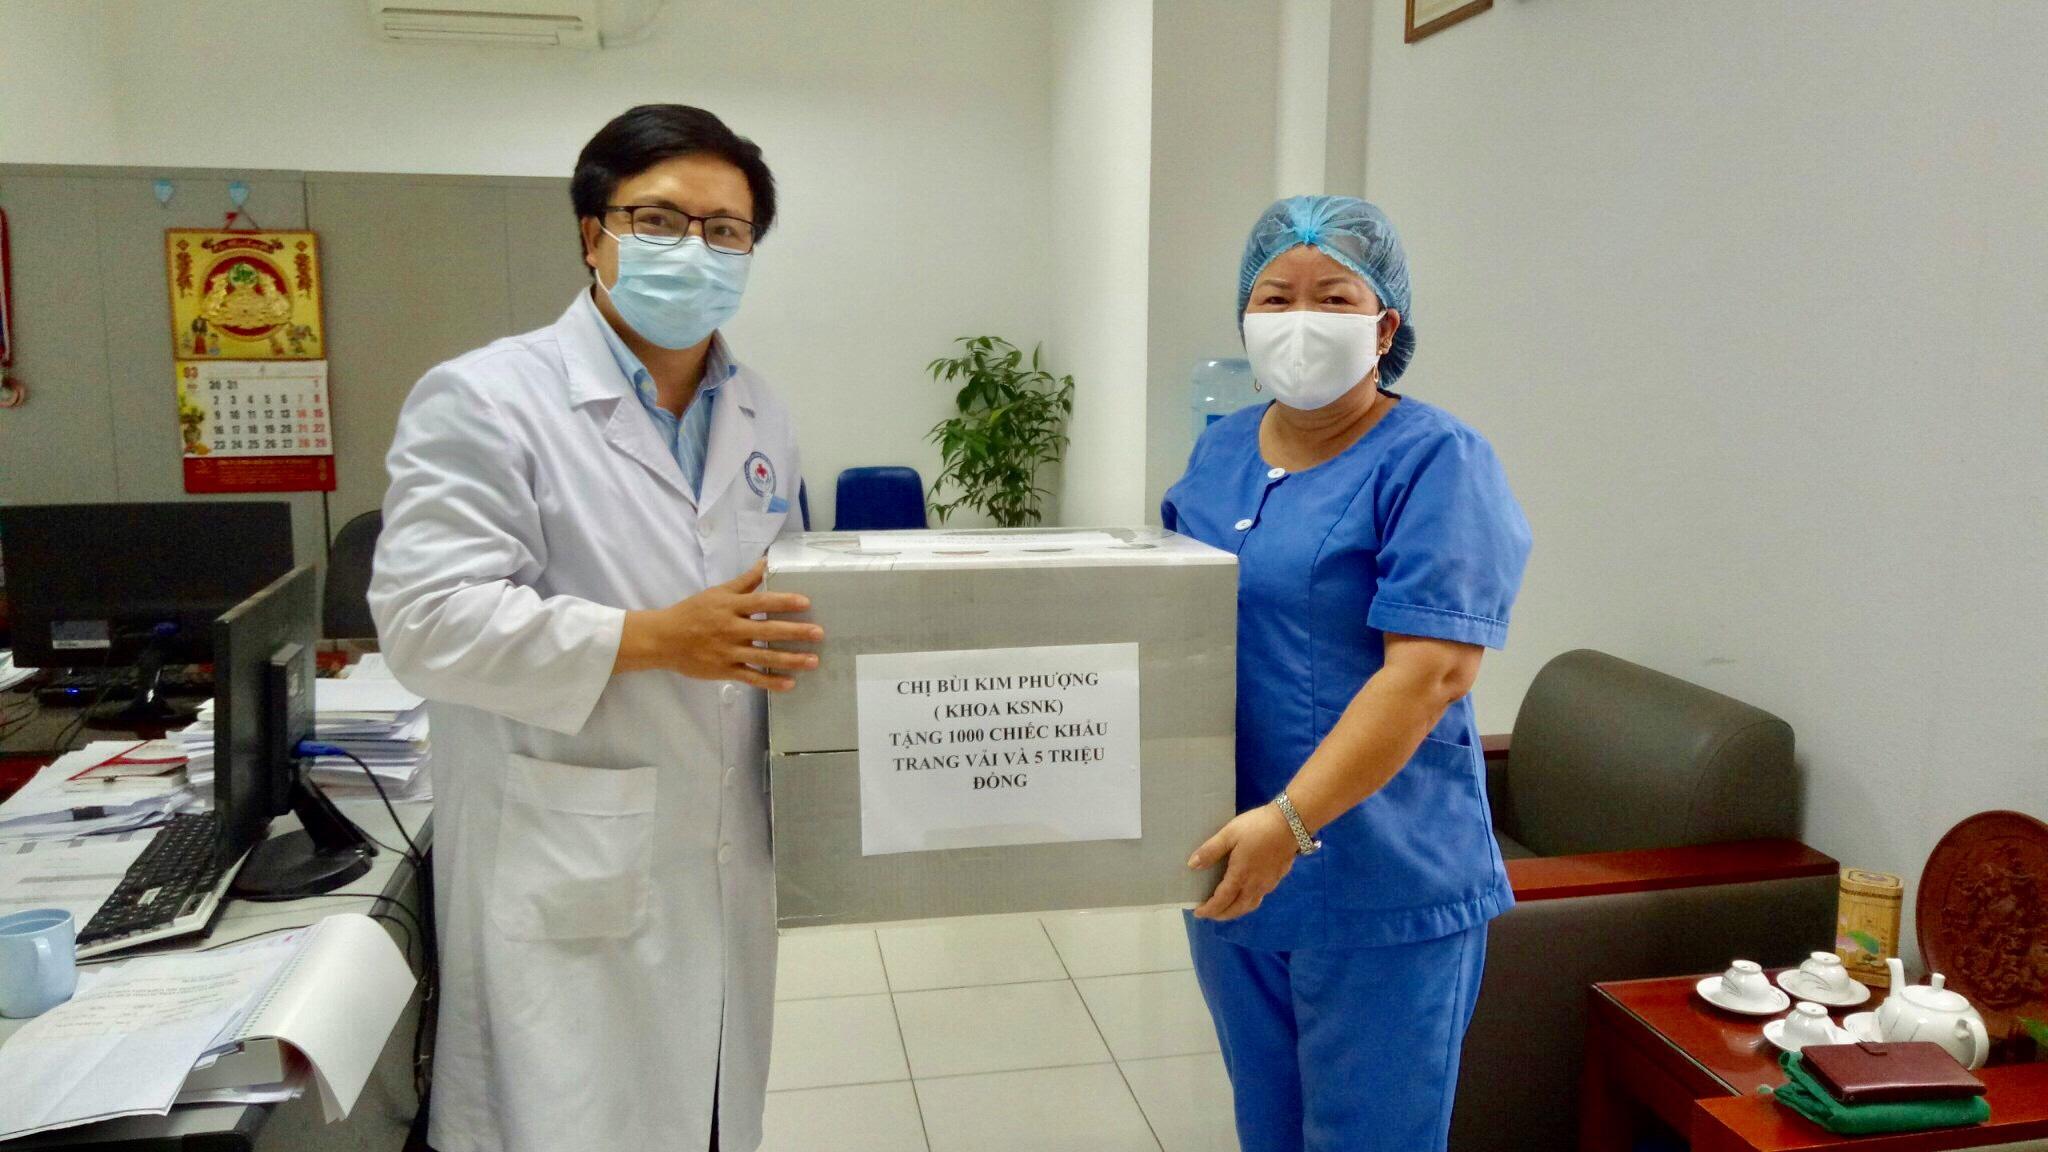 Cán bộ bệnh viện chị Bùi Kim Phượng góp sức chống dịch bằng cả tấm lòng